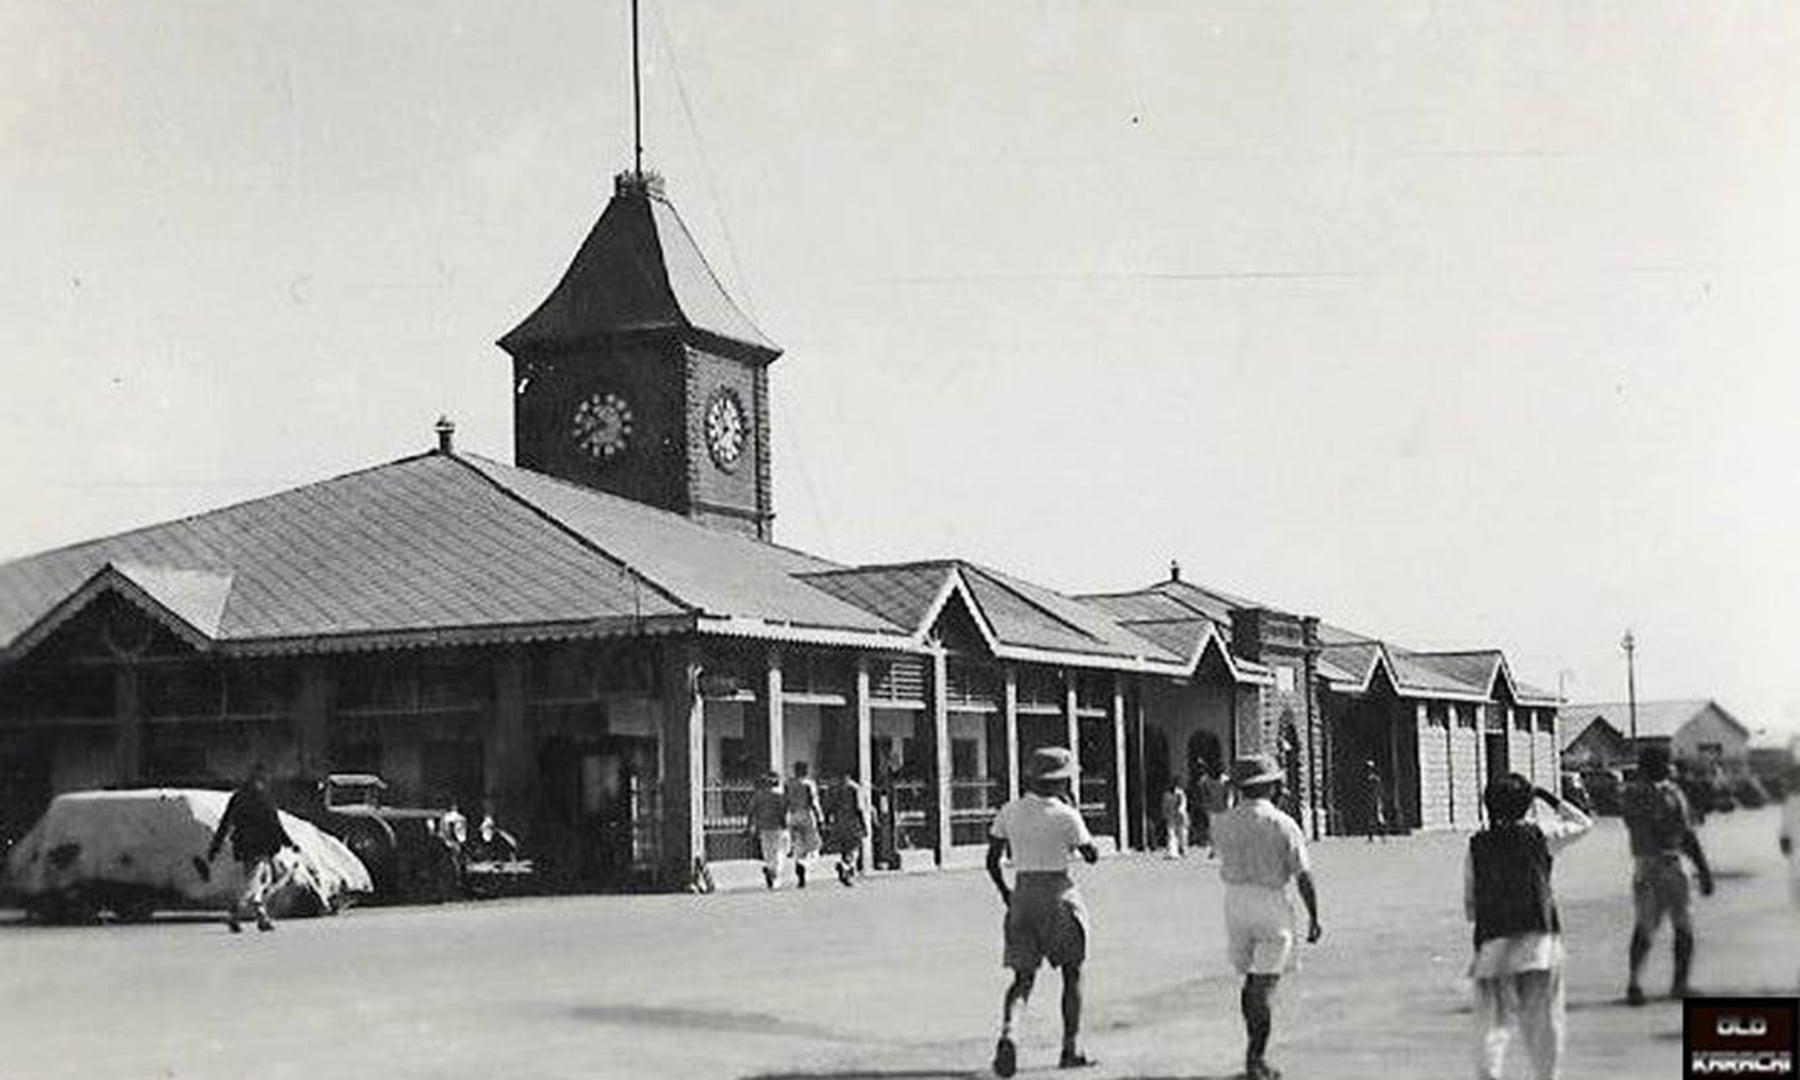 کیماڑی میں واقع پرانا کسٹم ہاؤس